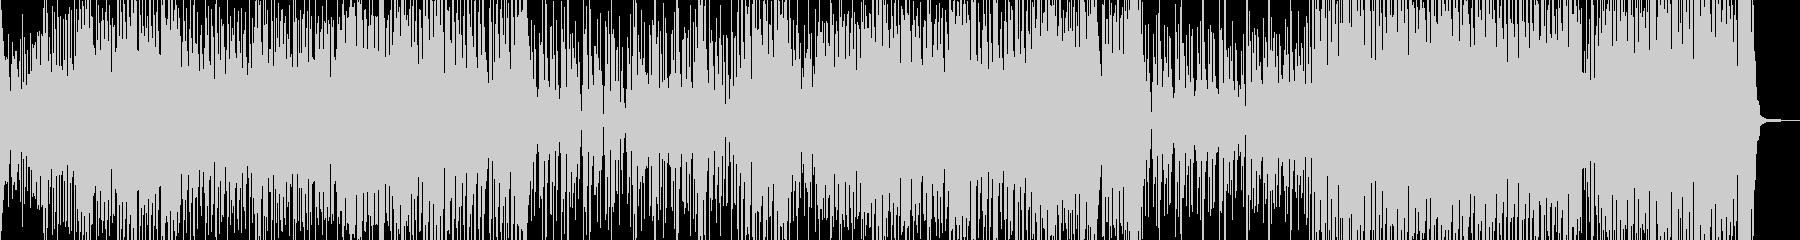 フレンドリーな作品に レゲェポップ Cの未再生の波形